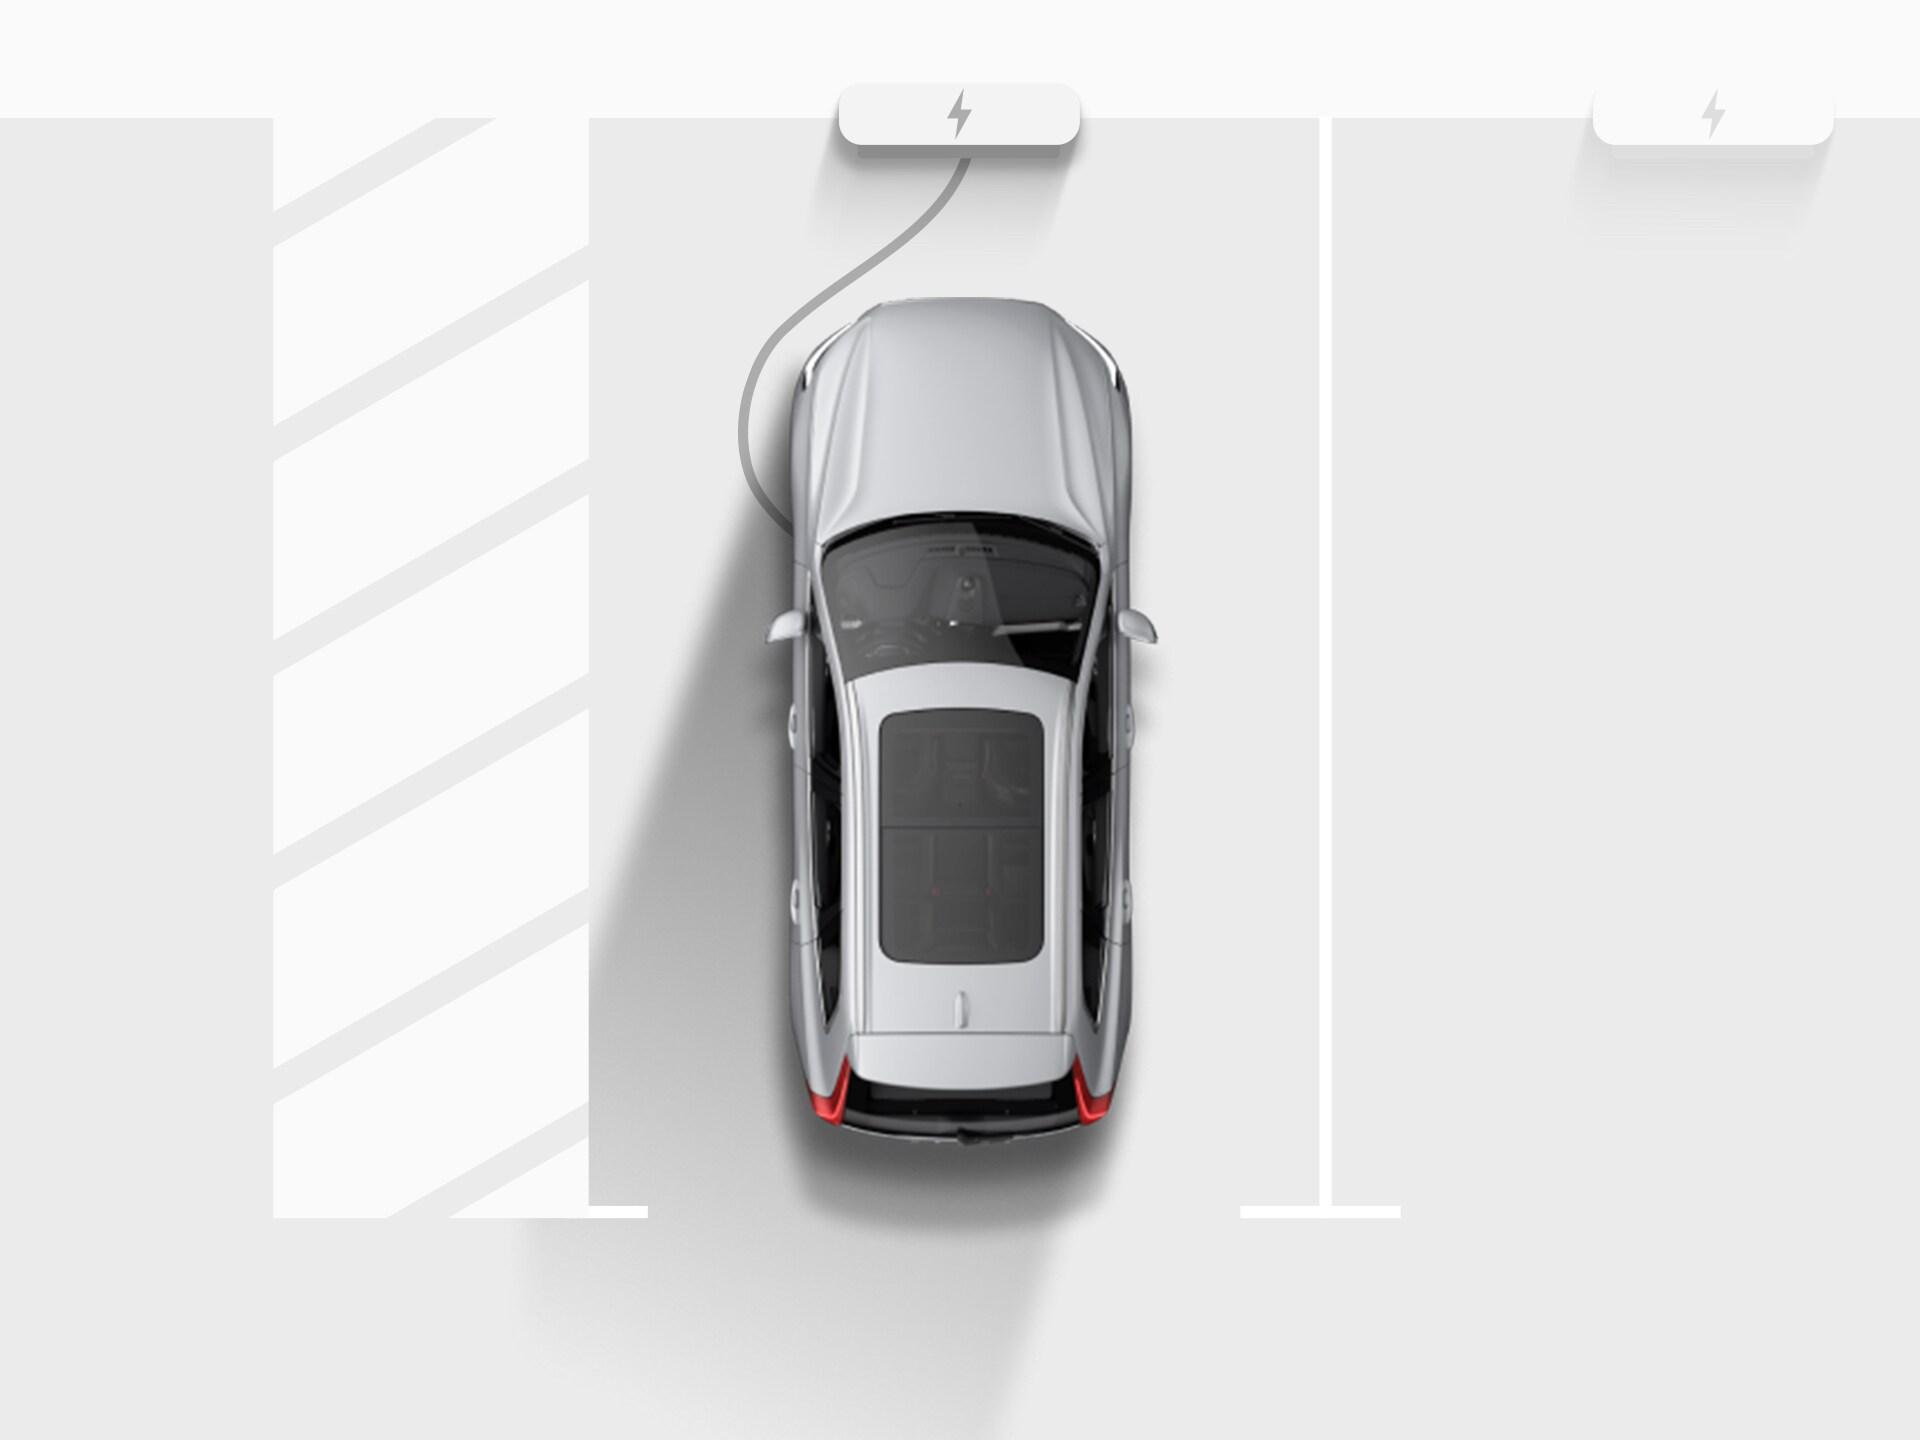 Desenho digital de vista superior de um SUV Volvo XC40 Recharge totalmente elétrico prateado ligado a uma estação de carregamento numa garagem de um apartamento.